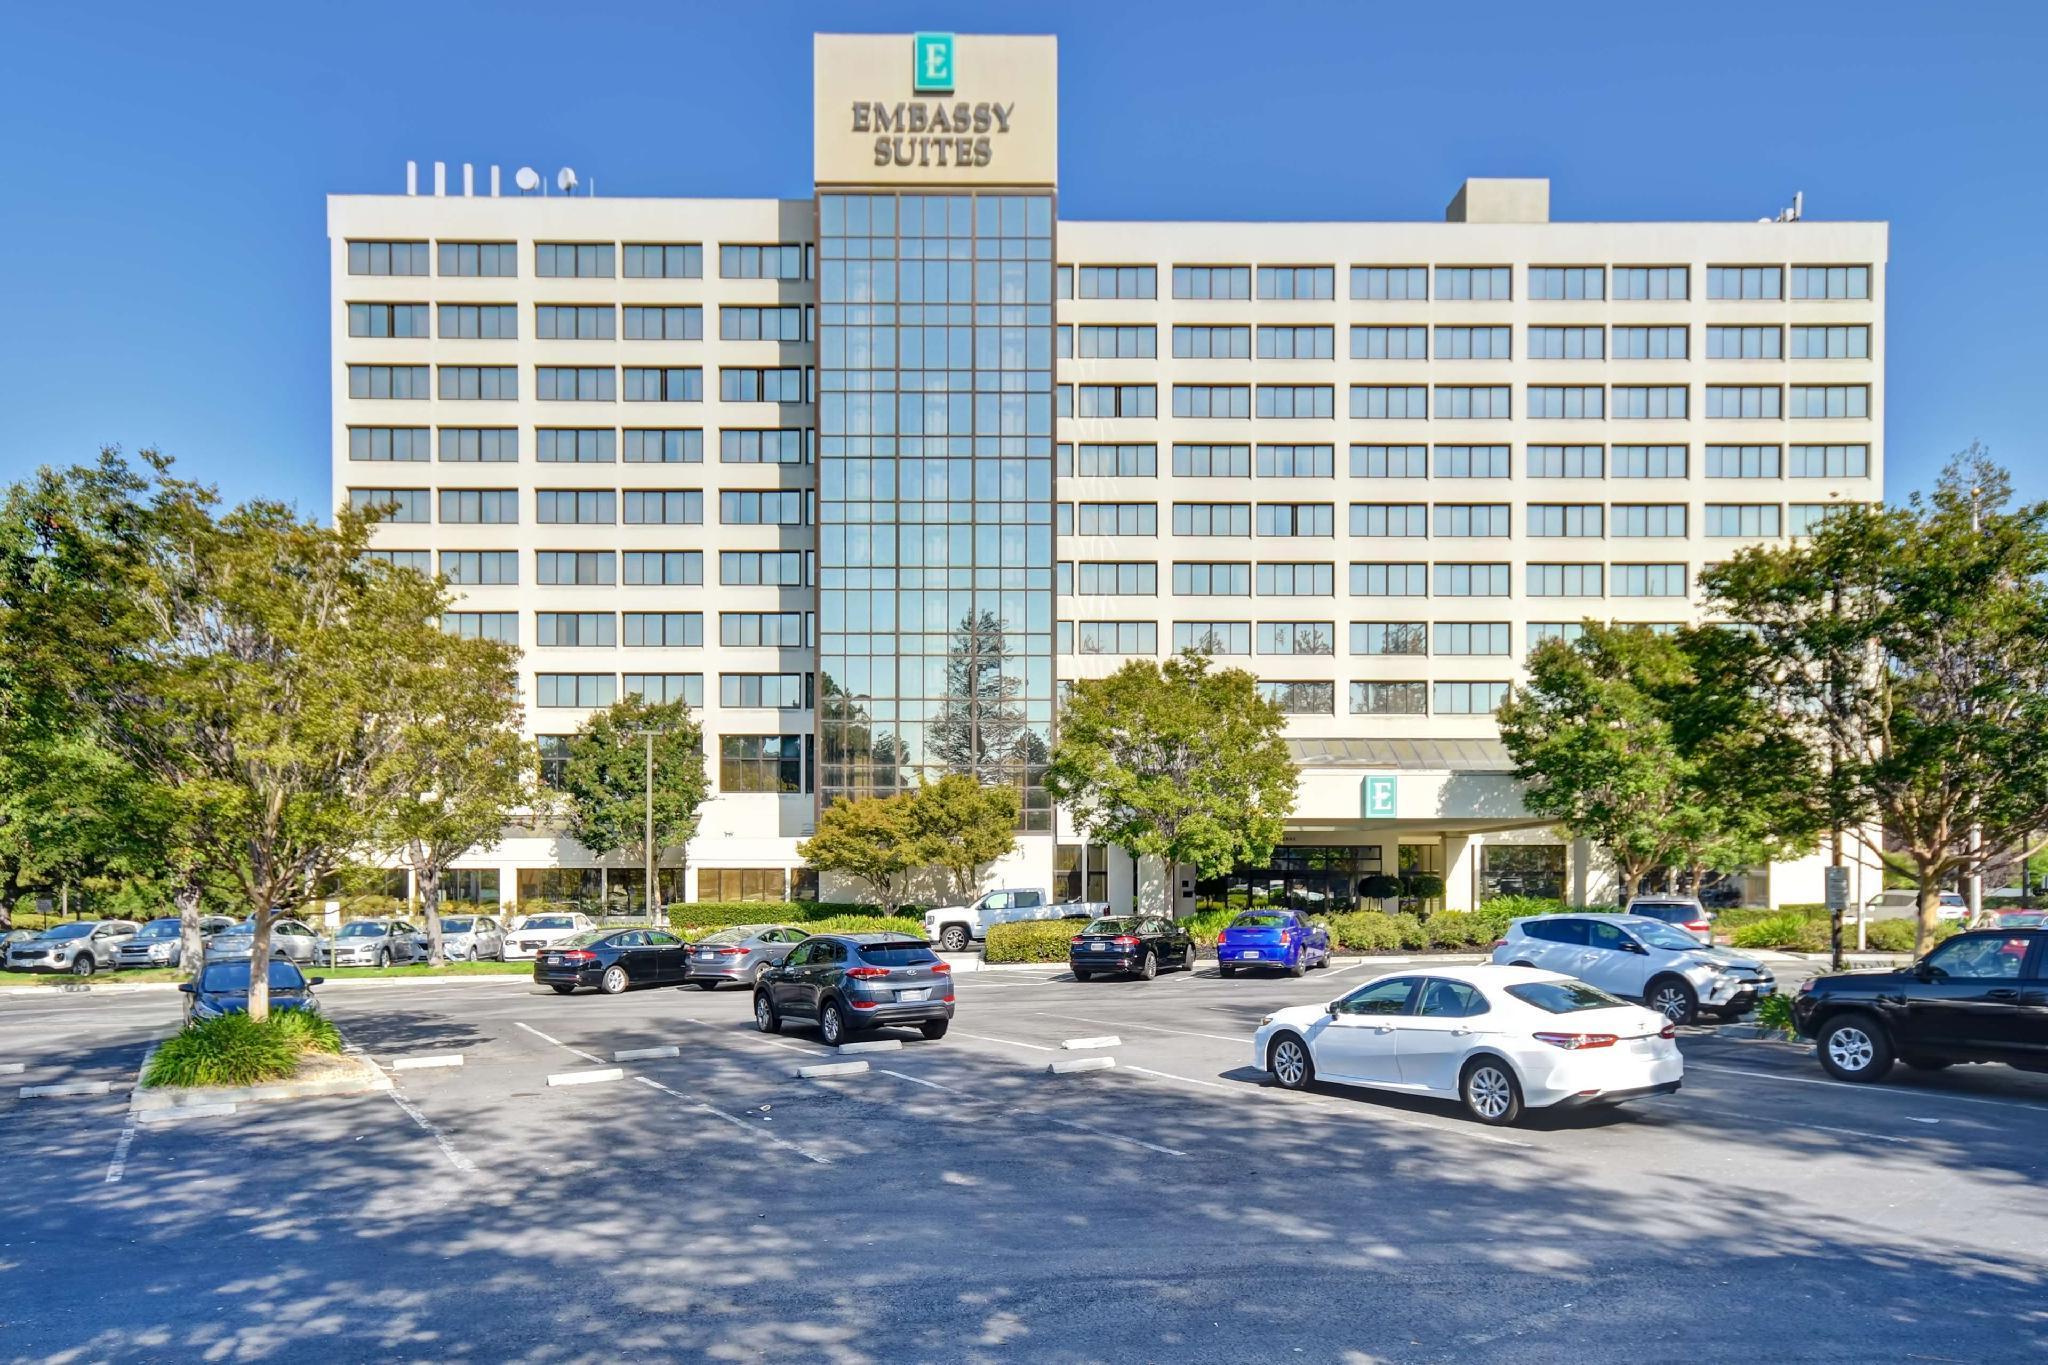 Embassy Suites Santa Clara Silicon Valley Hotel